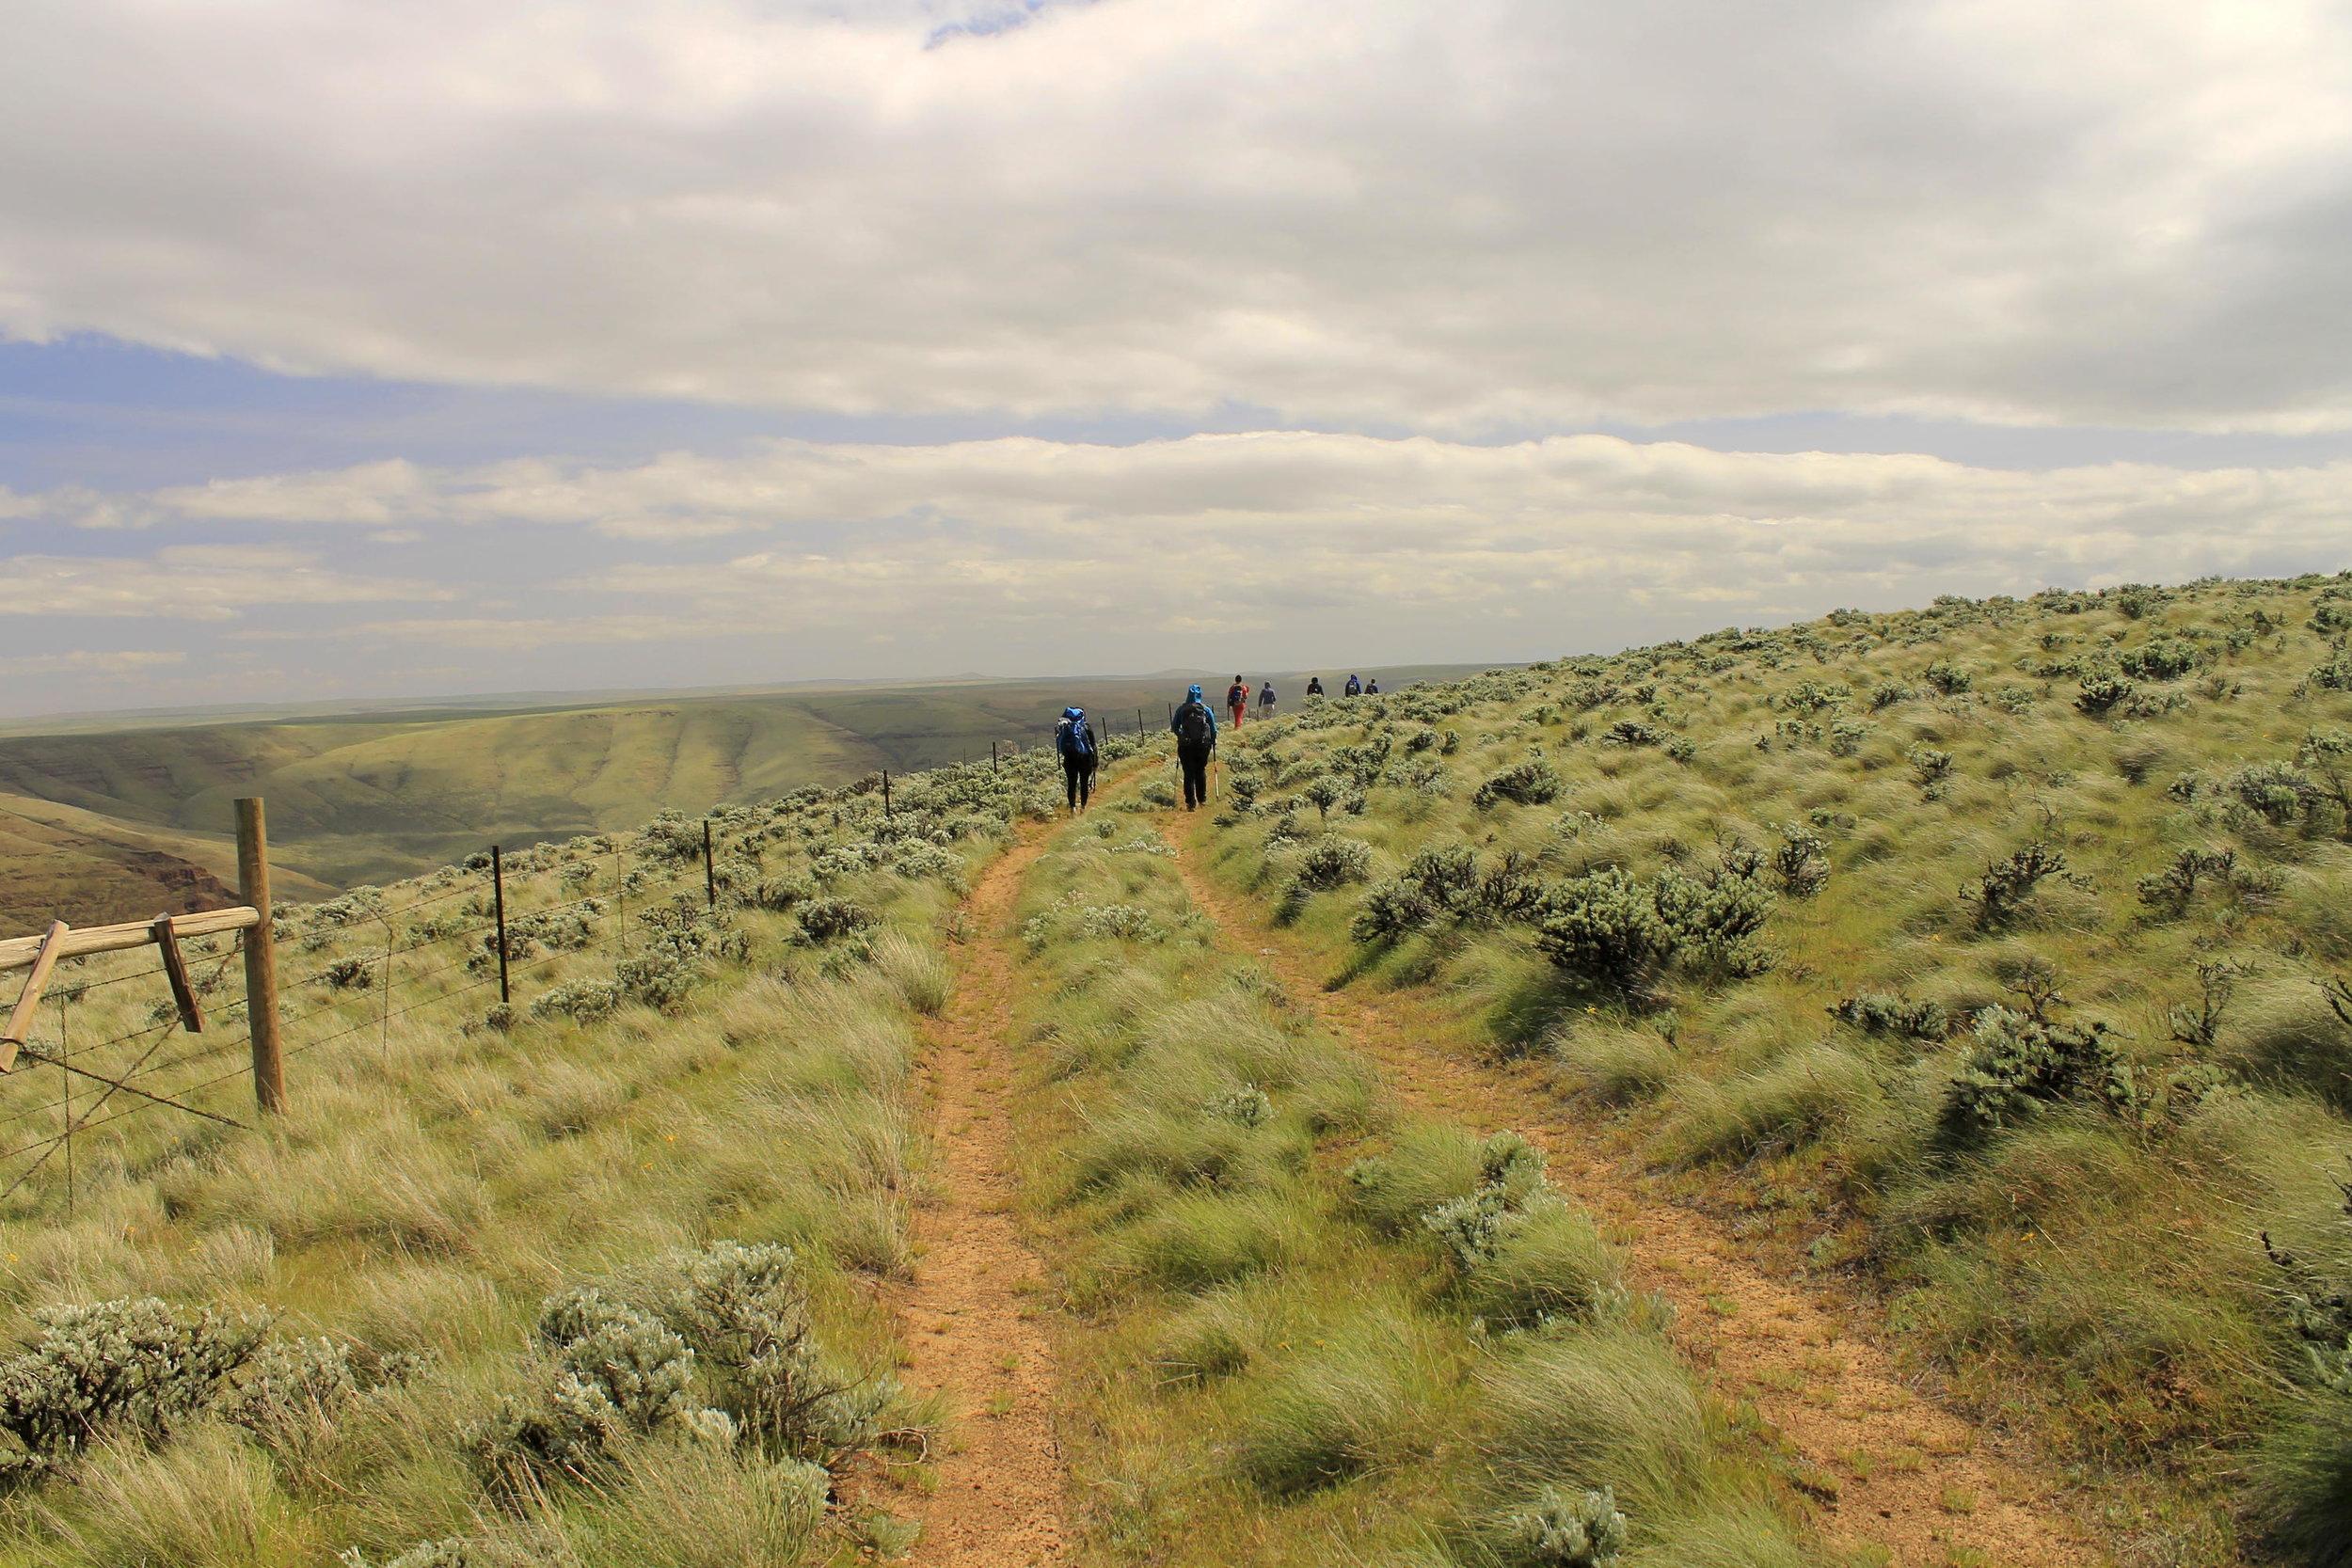 Wandering the windswept slopes...